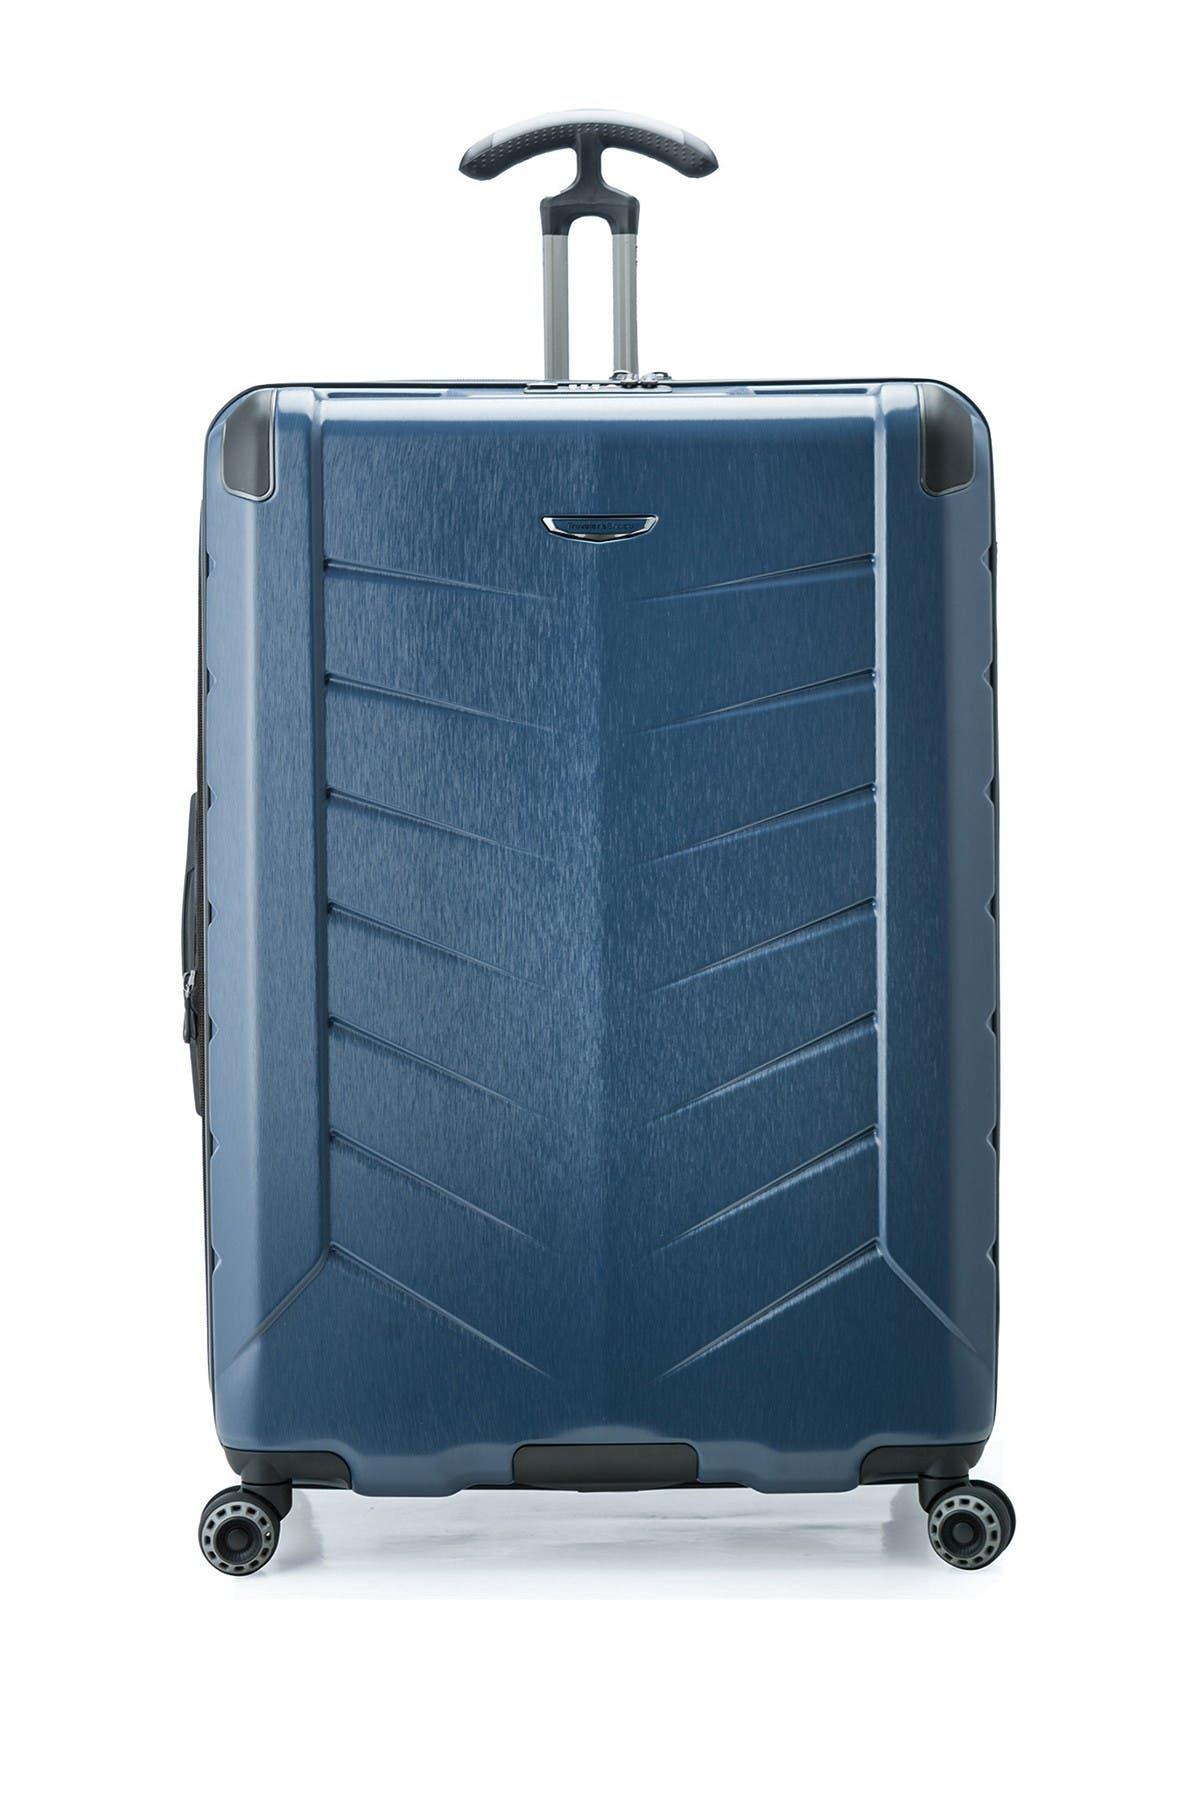 """Image of Traveler's Choice Luggage Silverwood II 30"""" Hardside Spinner Suitcase"""